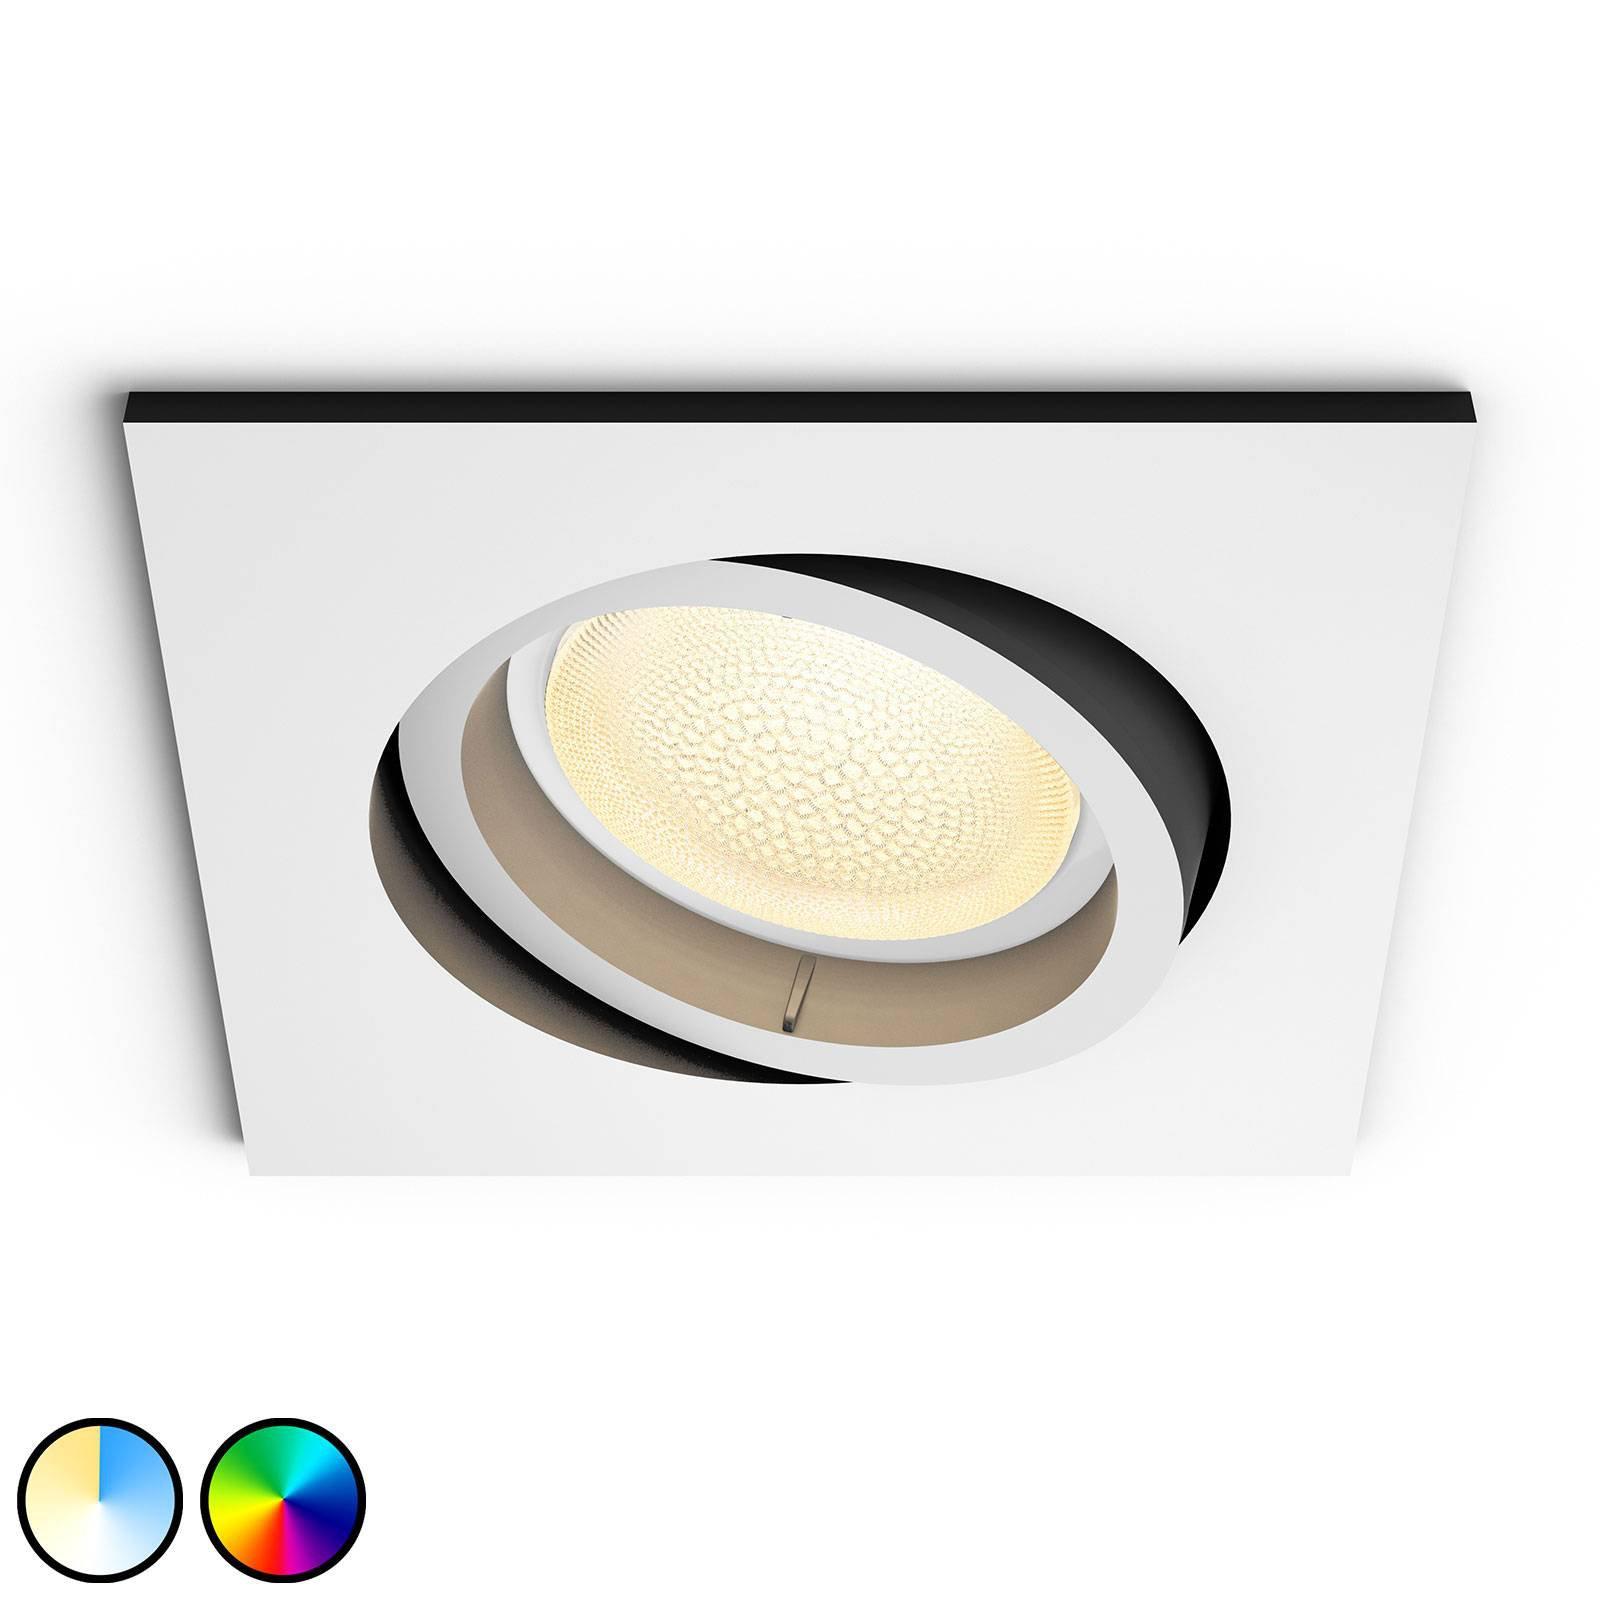 Philips Hue Centura LED-downlight kantet, hvit